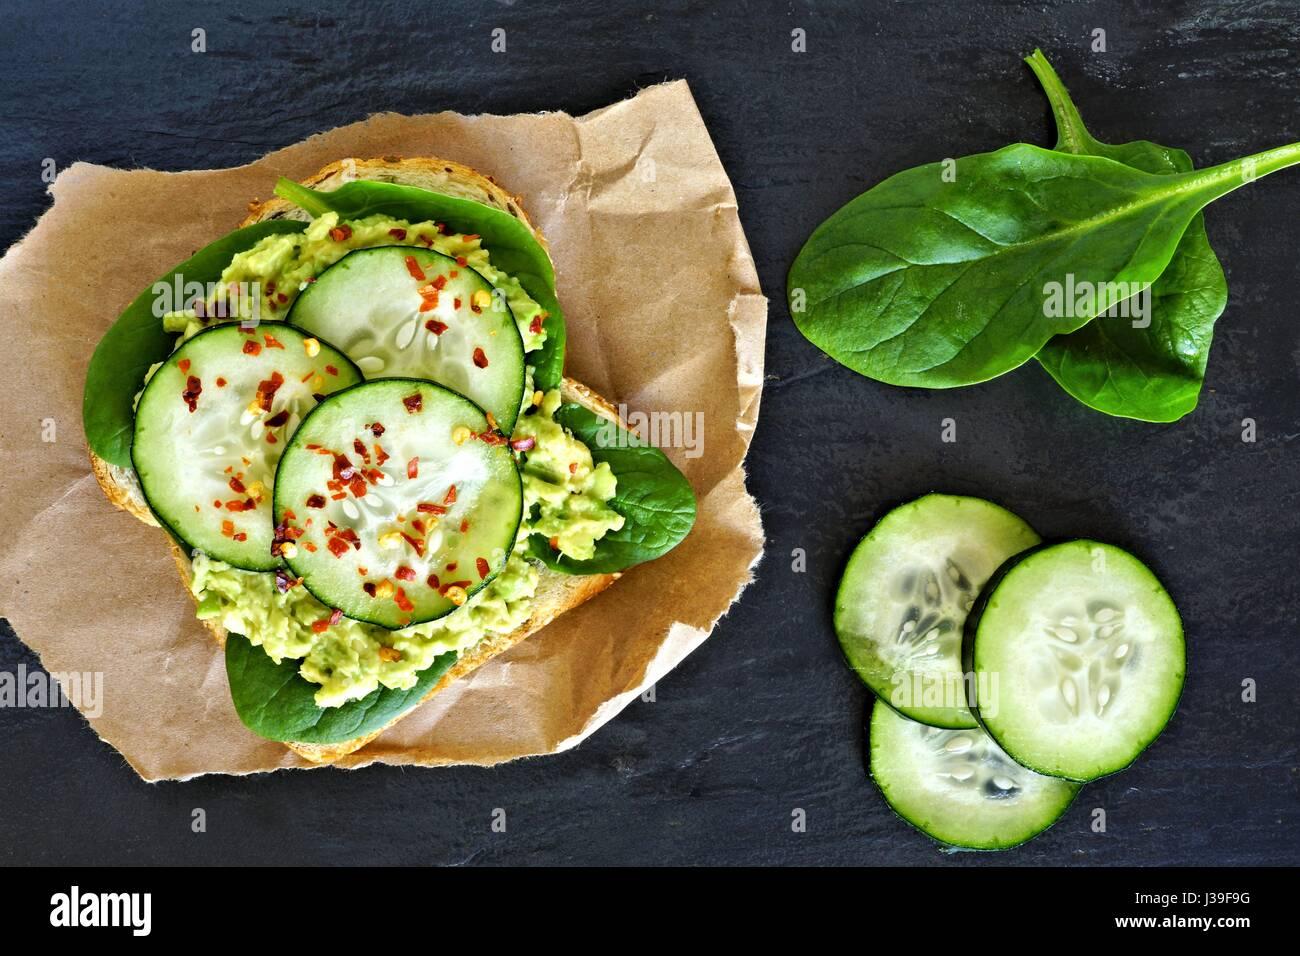 Avocado-Toast mit Gurke, Spinat und Vollkornbrot auf Papier vor einem dunklen Hintergrund Schiefer Stockbild